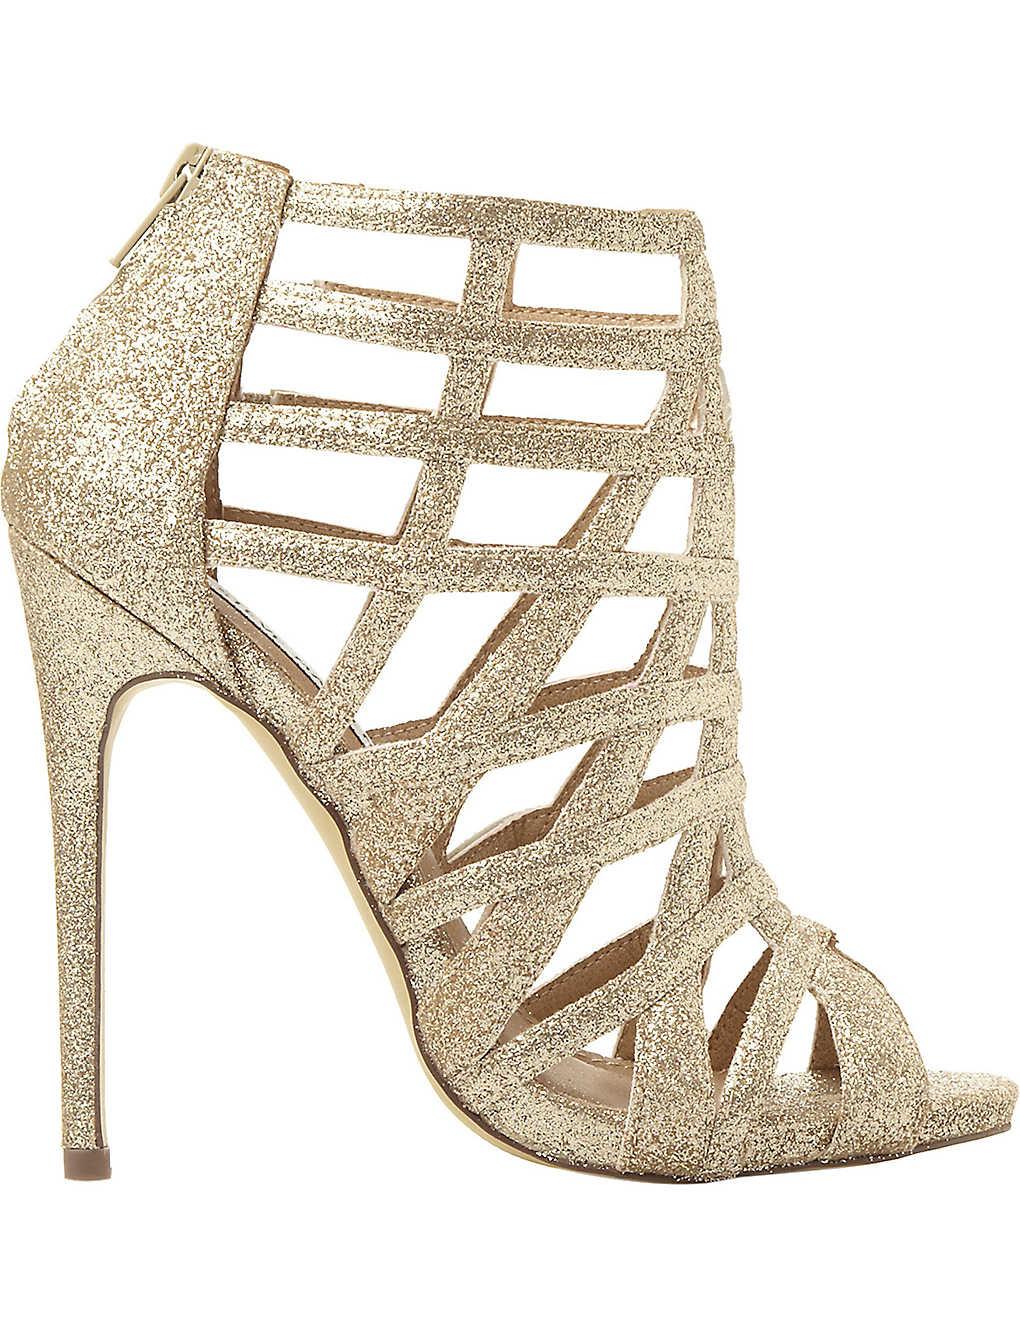 d995211f2e7 STEVE MADDEN - Caged glitter heeled sandals   Selfridges.com